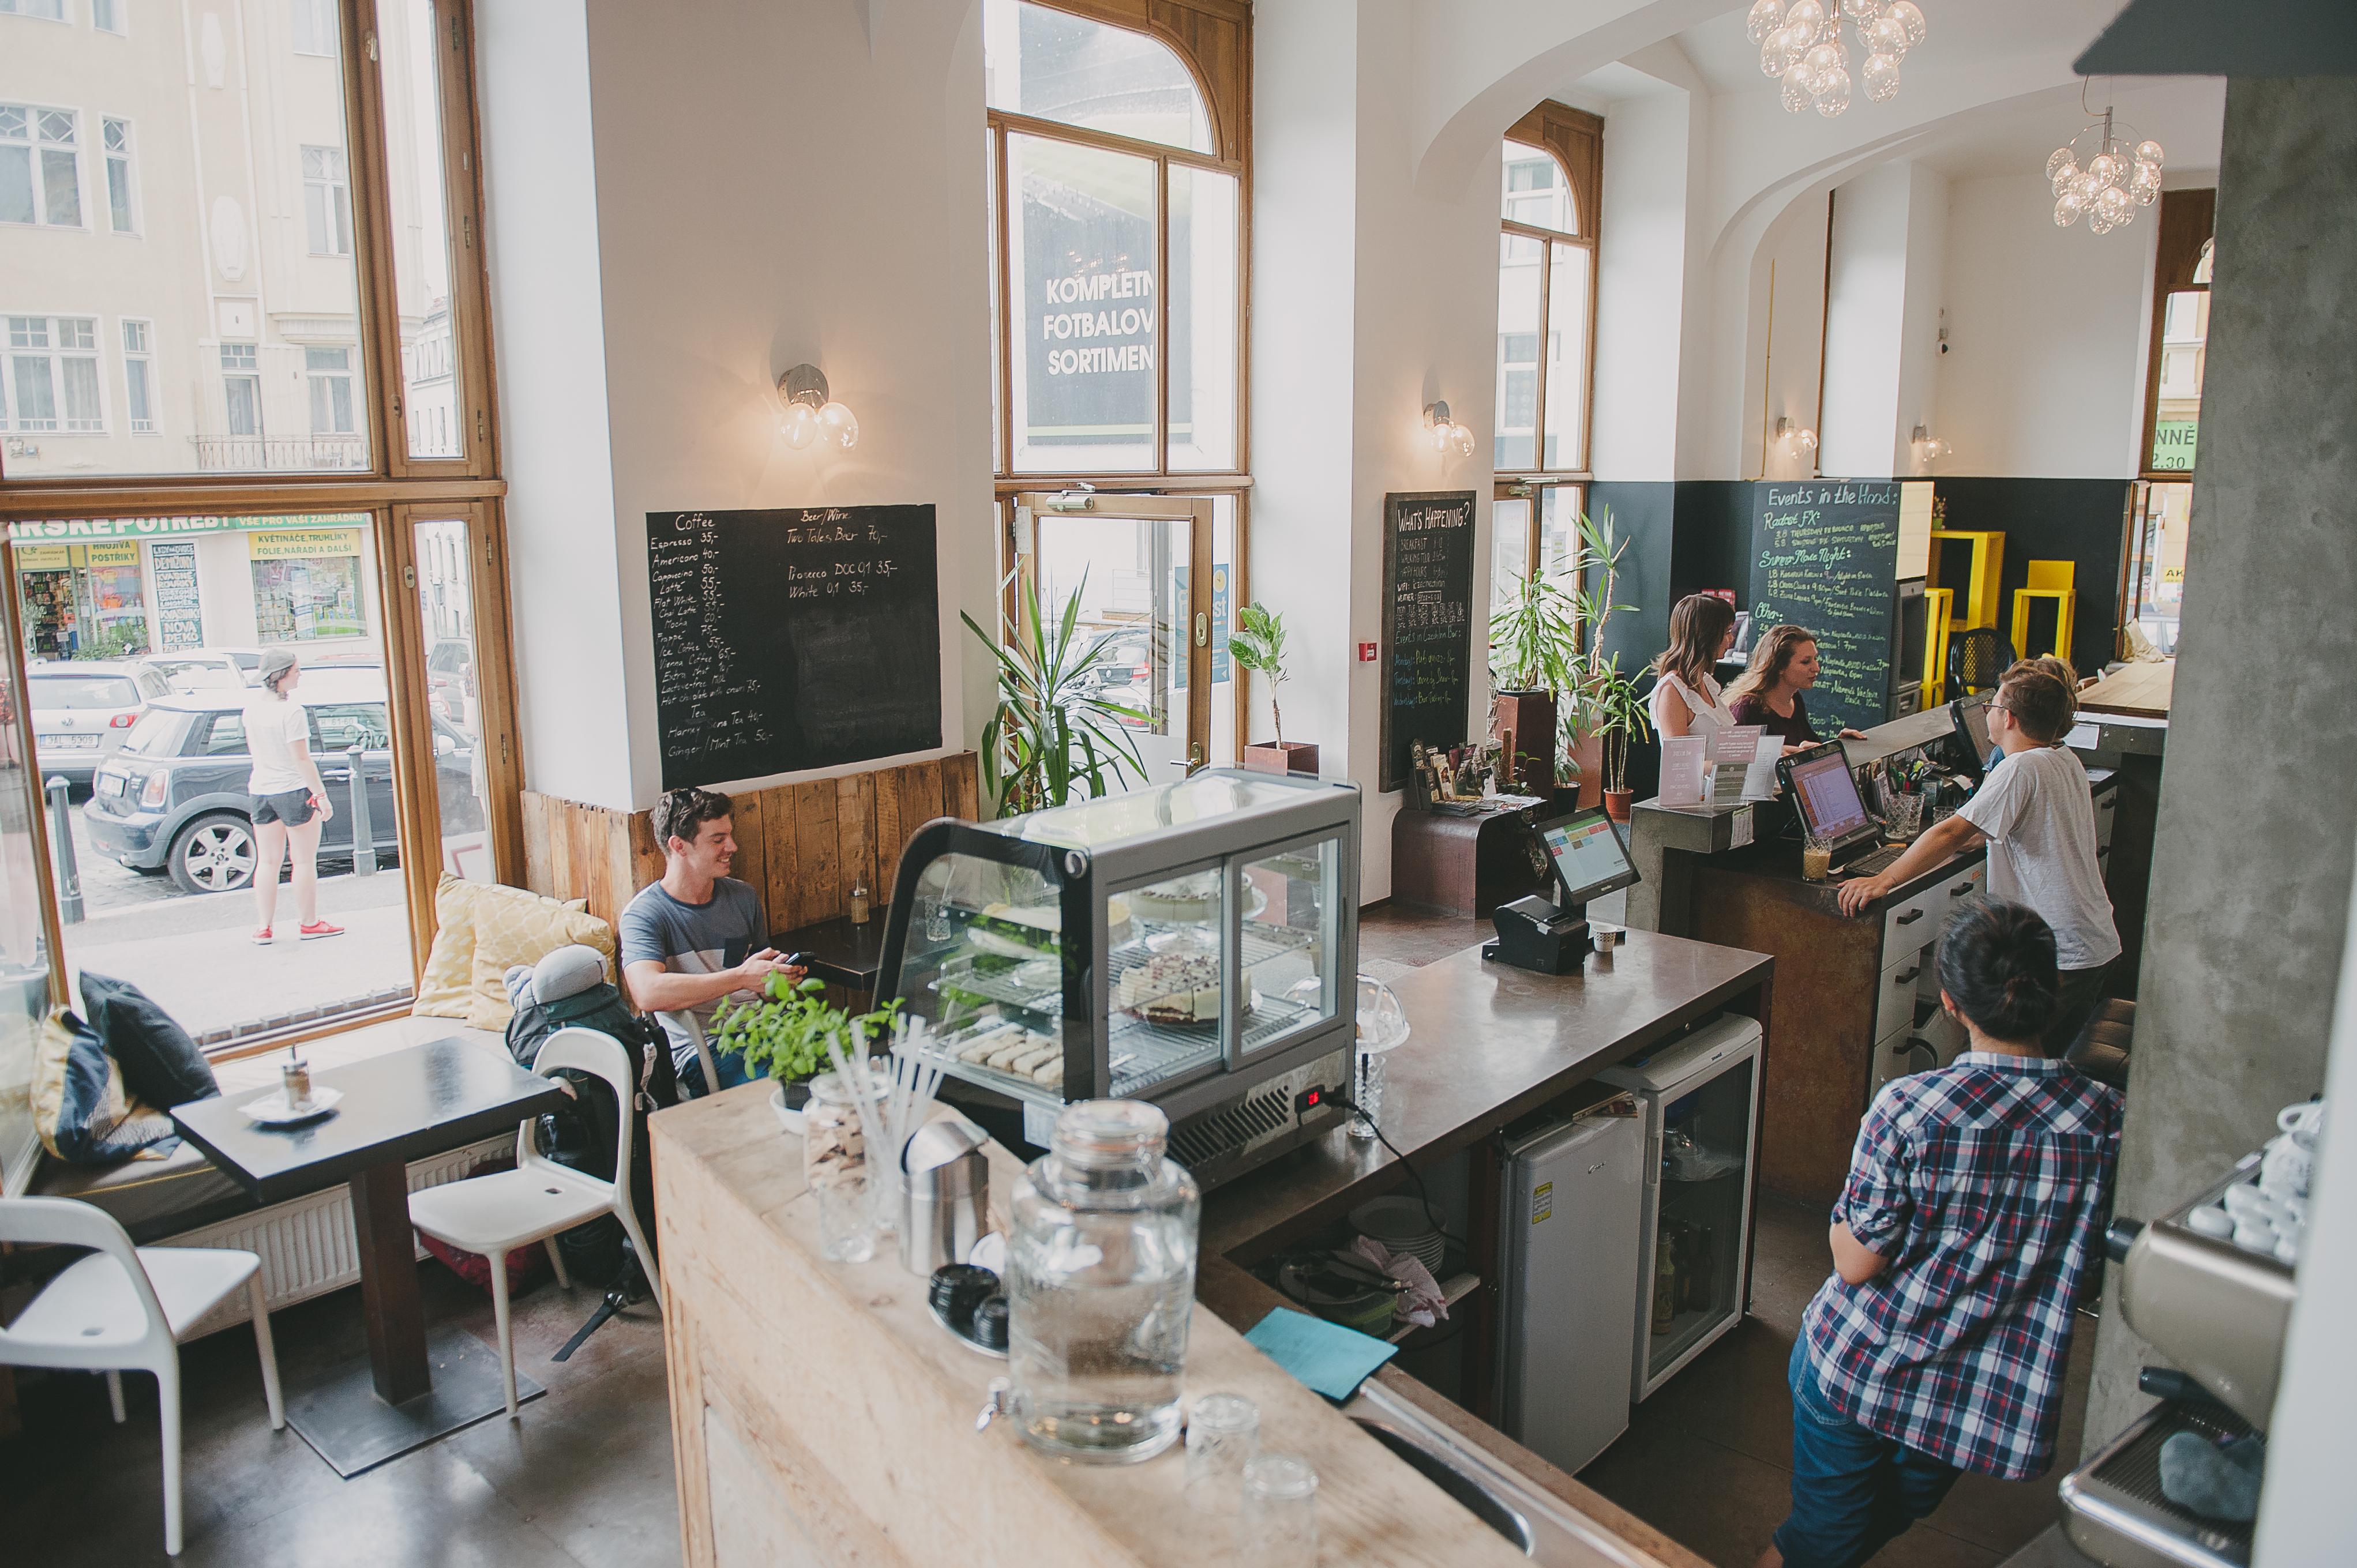 Czech Inn Bar & Kafe